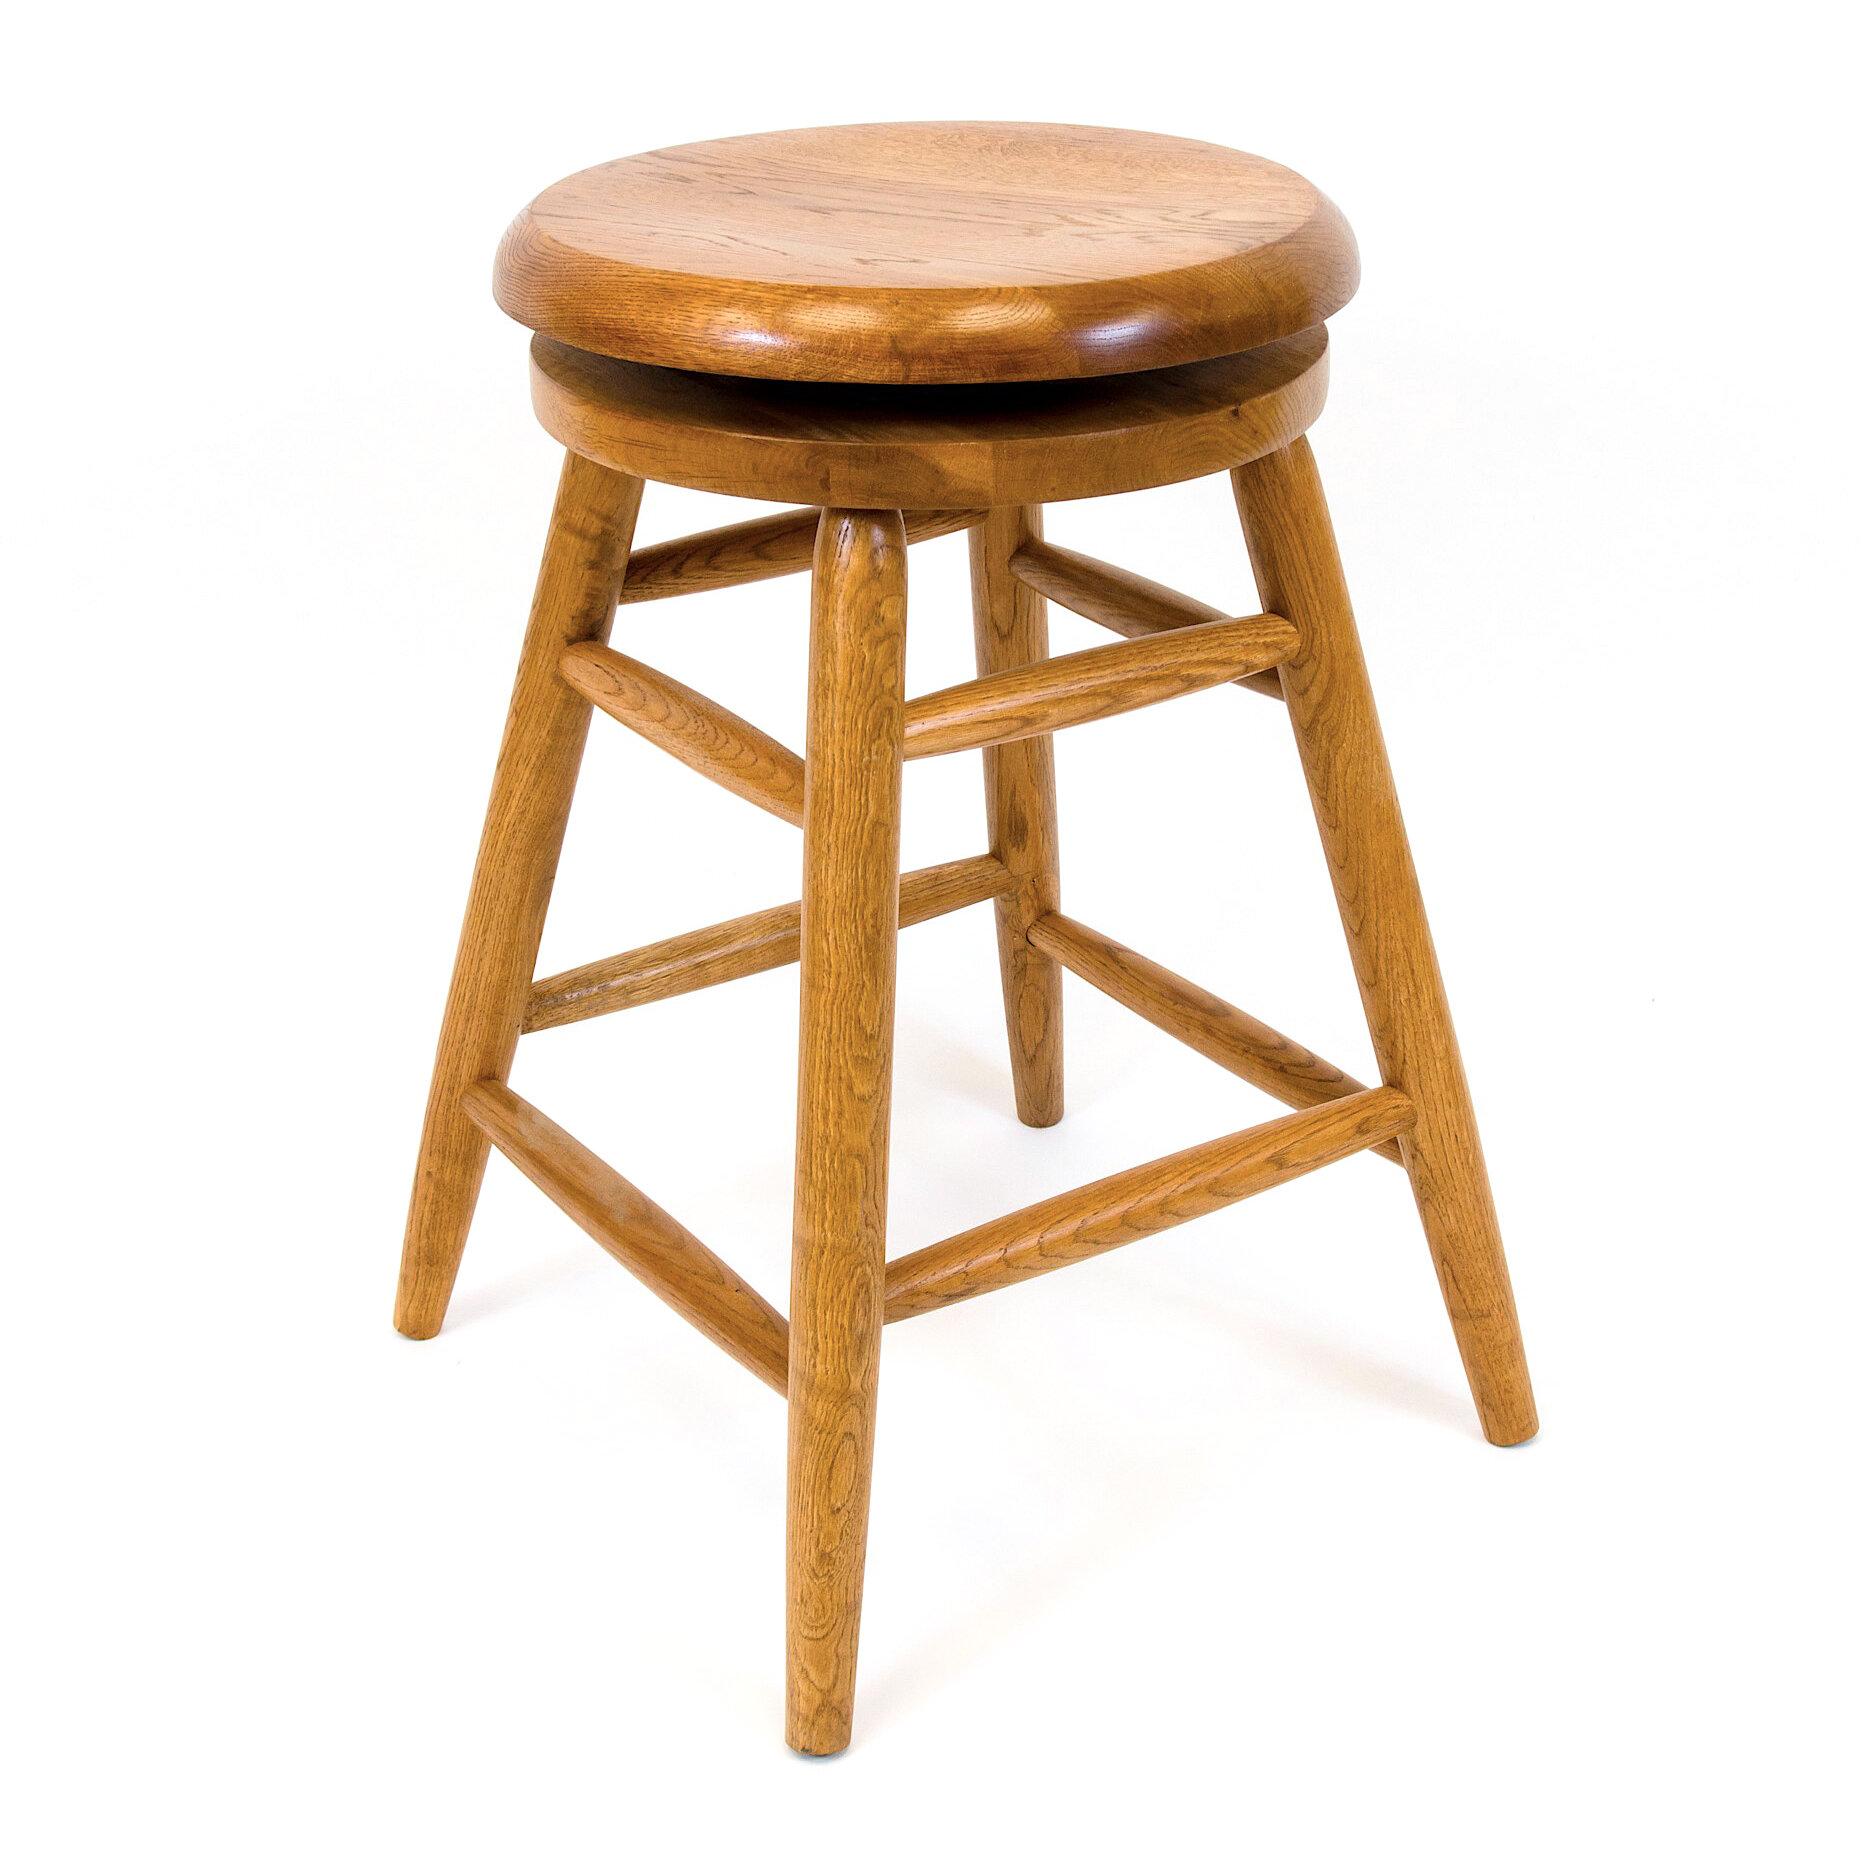 Aw Furniture 24 Swivel Bar Stool Reviews Wayfair